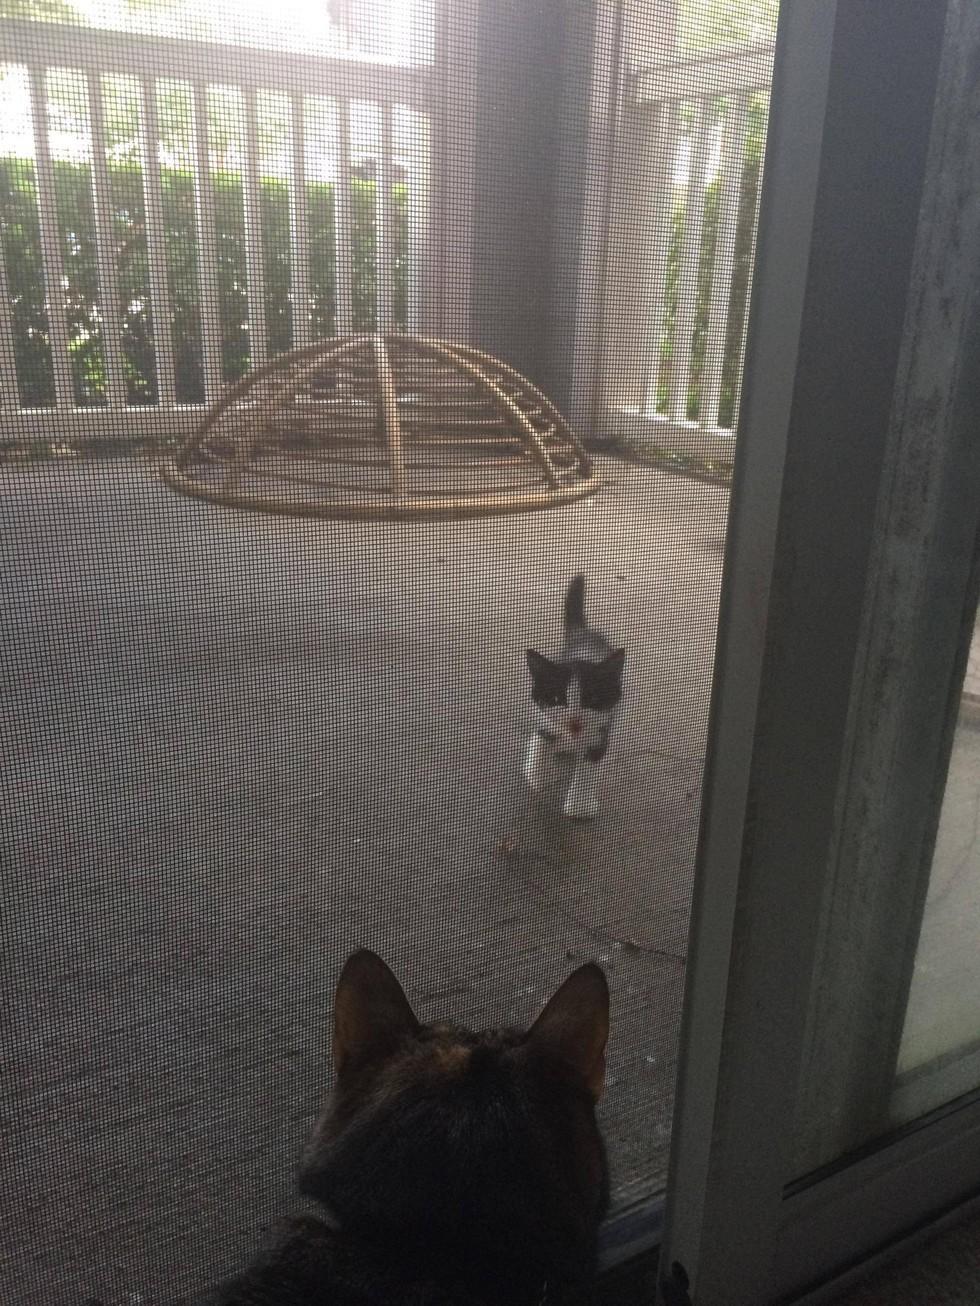 厚臉皮貓「守門口大叫」求收編!幾週後家中老貓就走了...主人驚:祂安排好接班人了